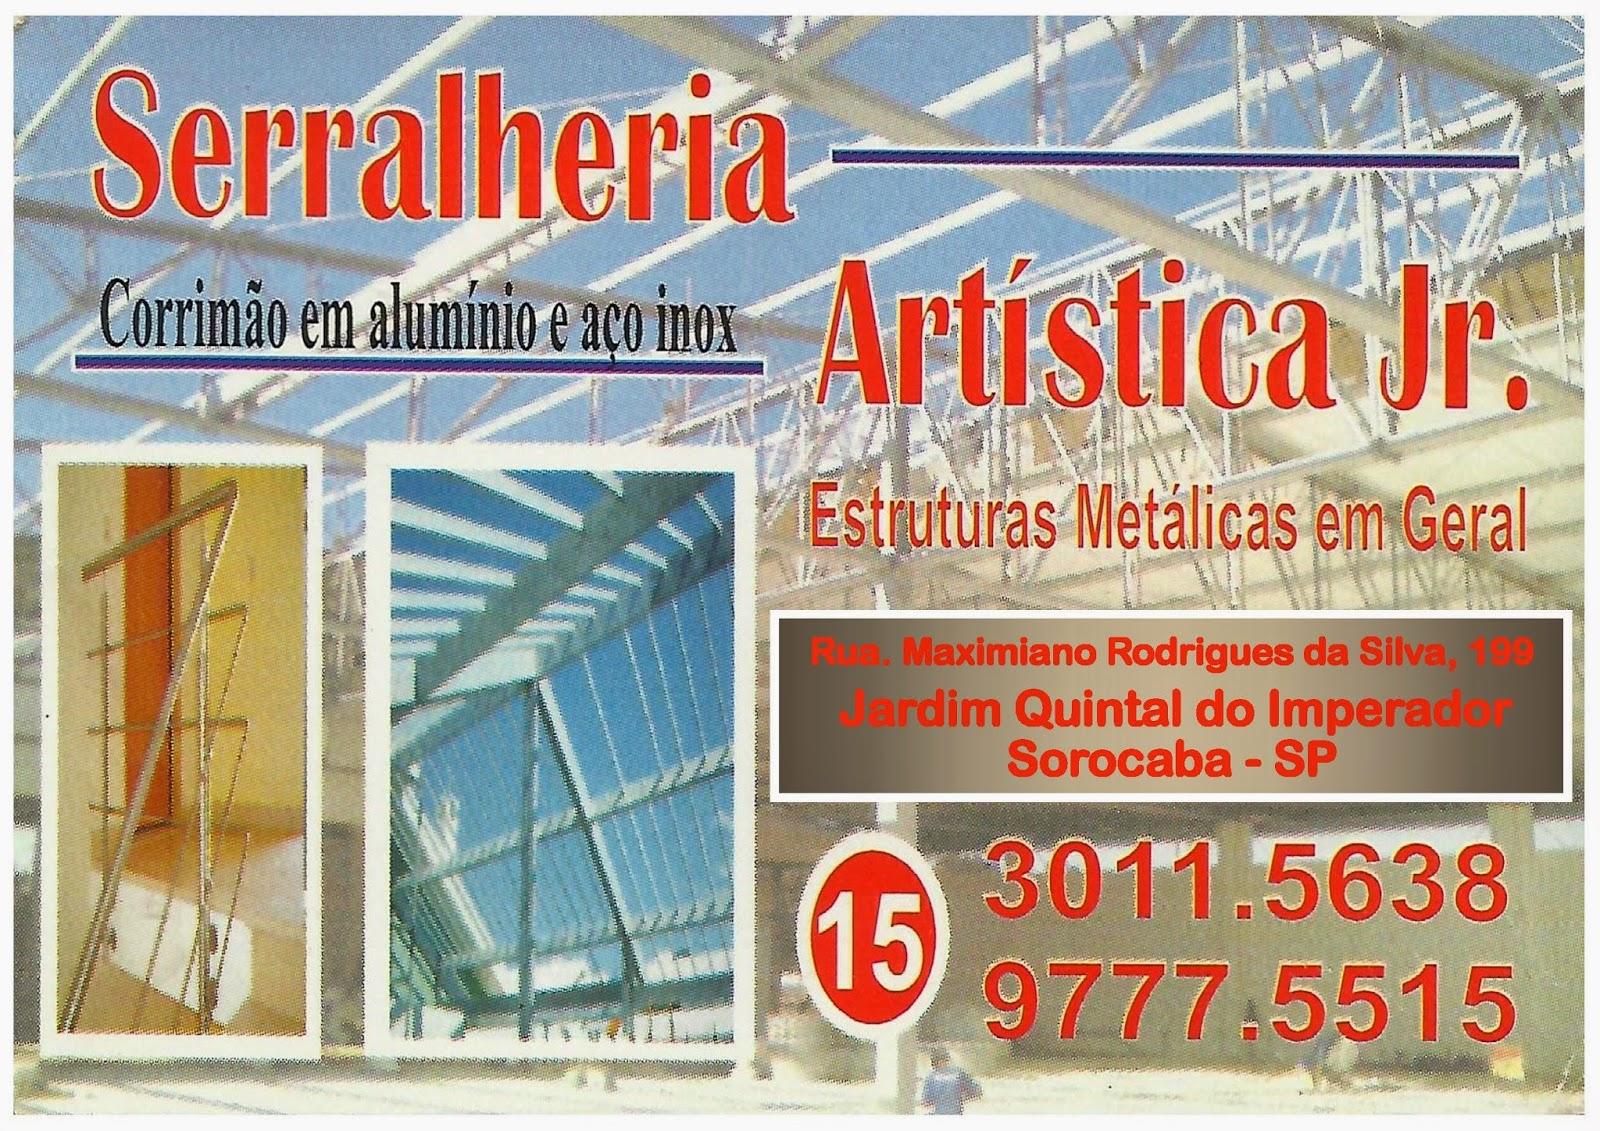 Serralheria ARTÍSTICA JR Corrimão em Aluminio e Aço Inox  Estruturas Metálicas em geral Rua. Maximiano Rodrigues da Silva, 199 Jardim: Quintais do Imperador  Sorocaba - SP tel: (15) 3011.5638  Cel: 99777.5515